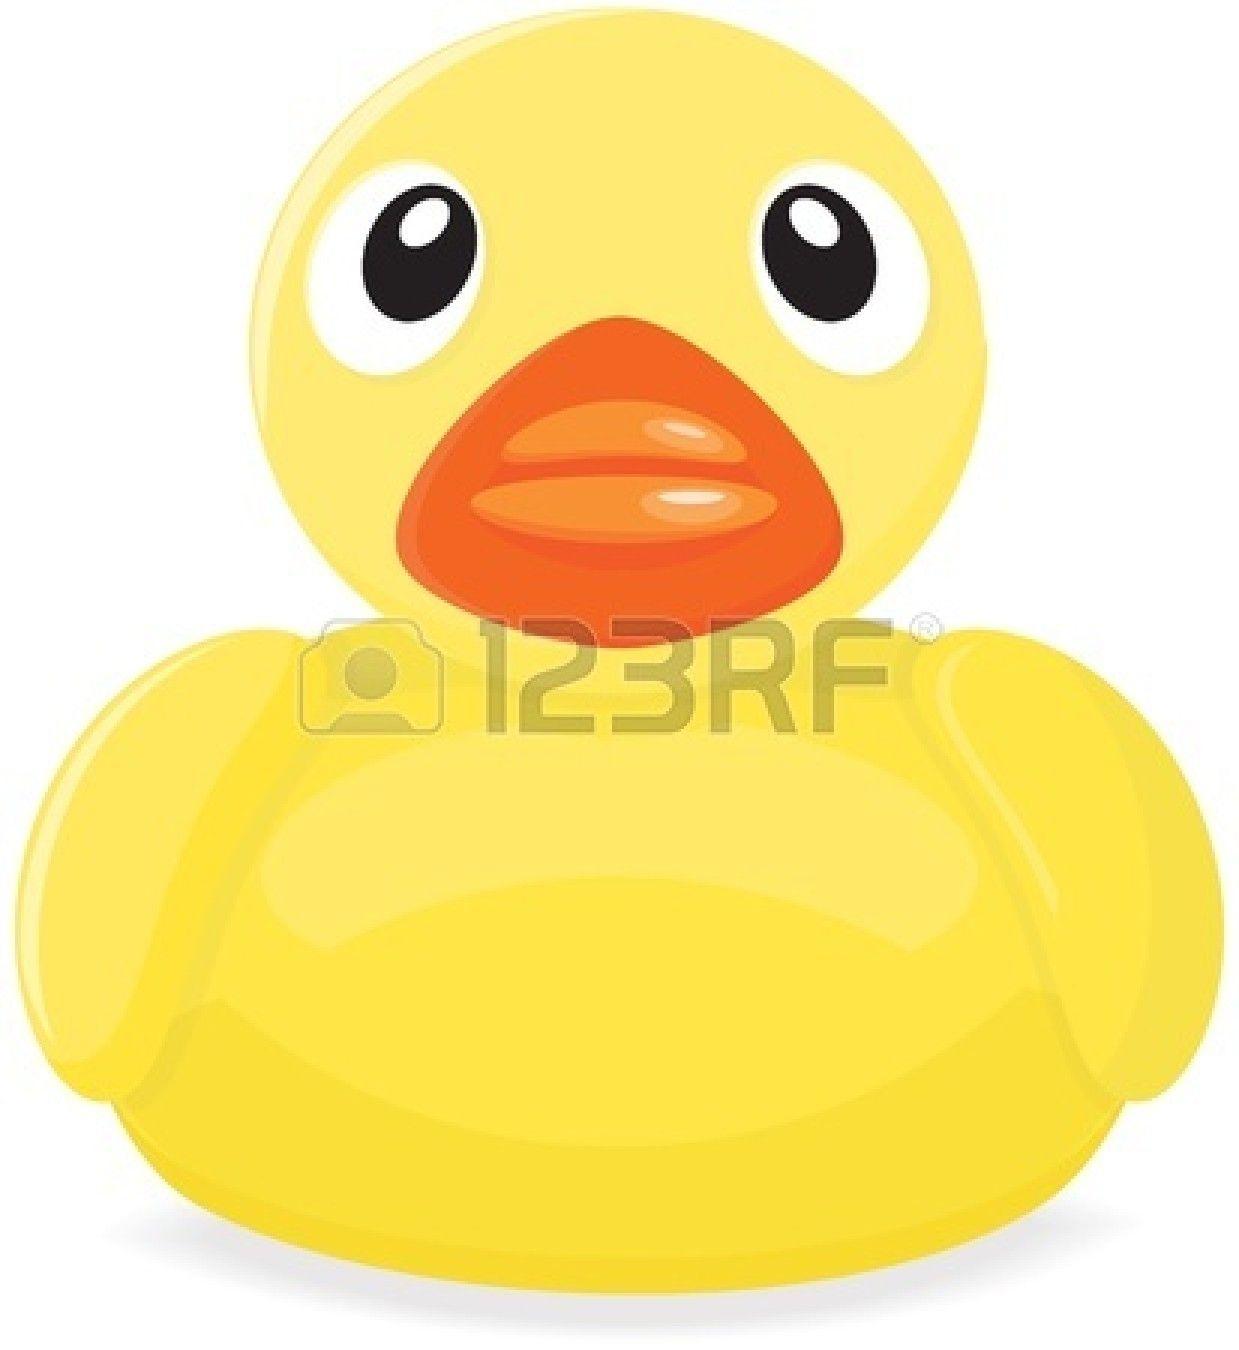 Yellow Rubber Duck drawing | Pinterest | Rubber duck, Art clipart ...